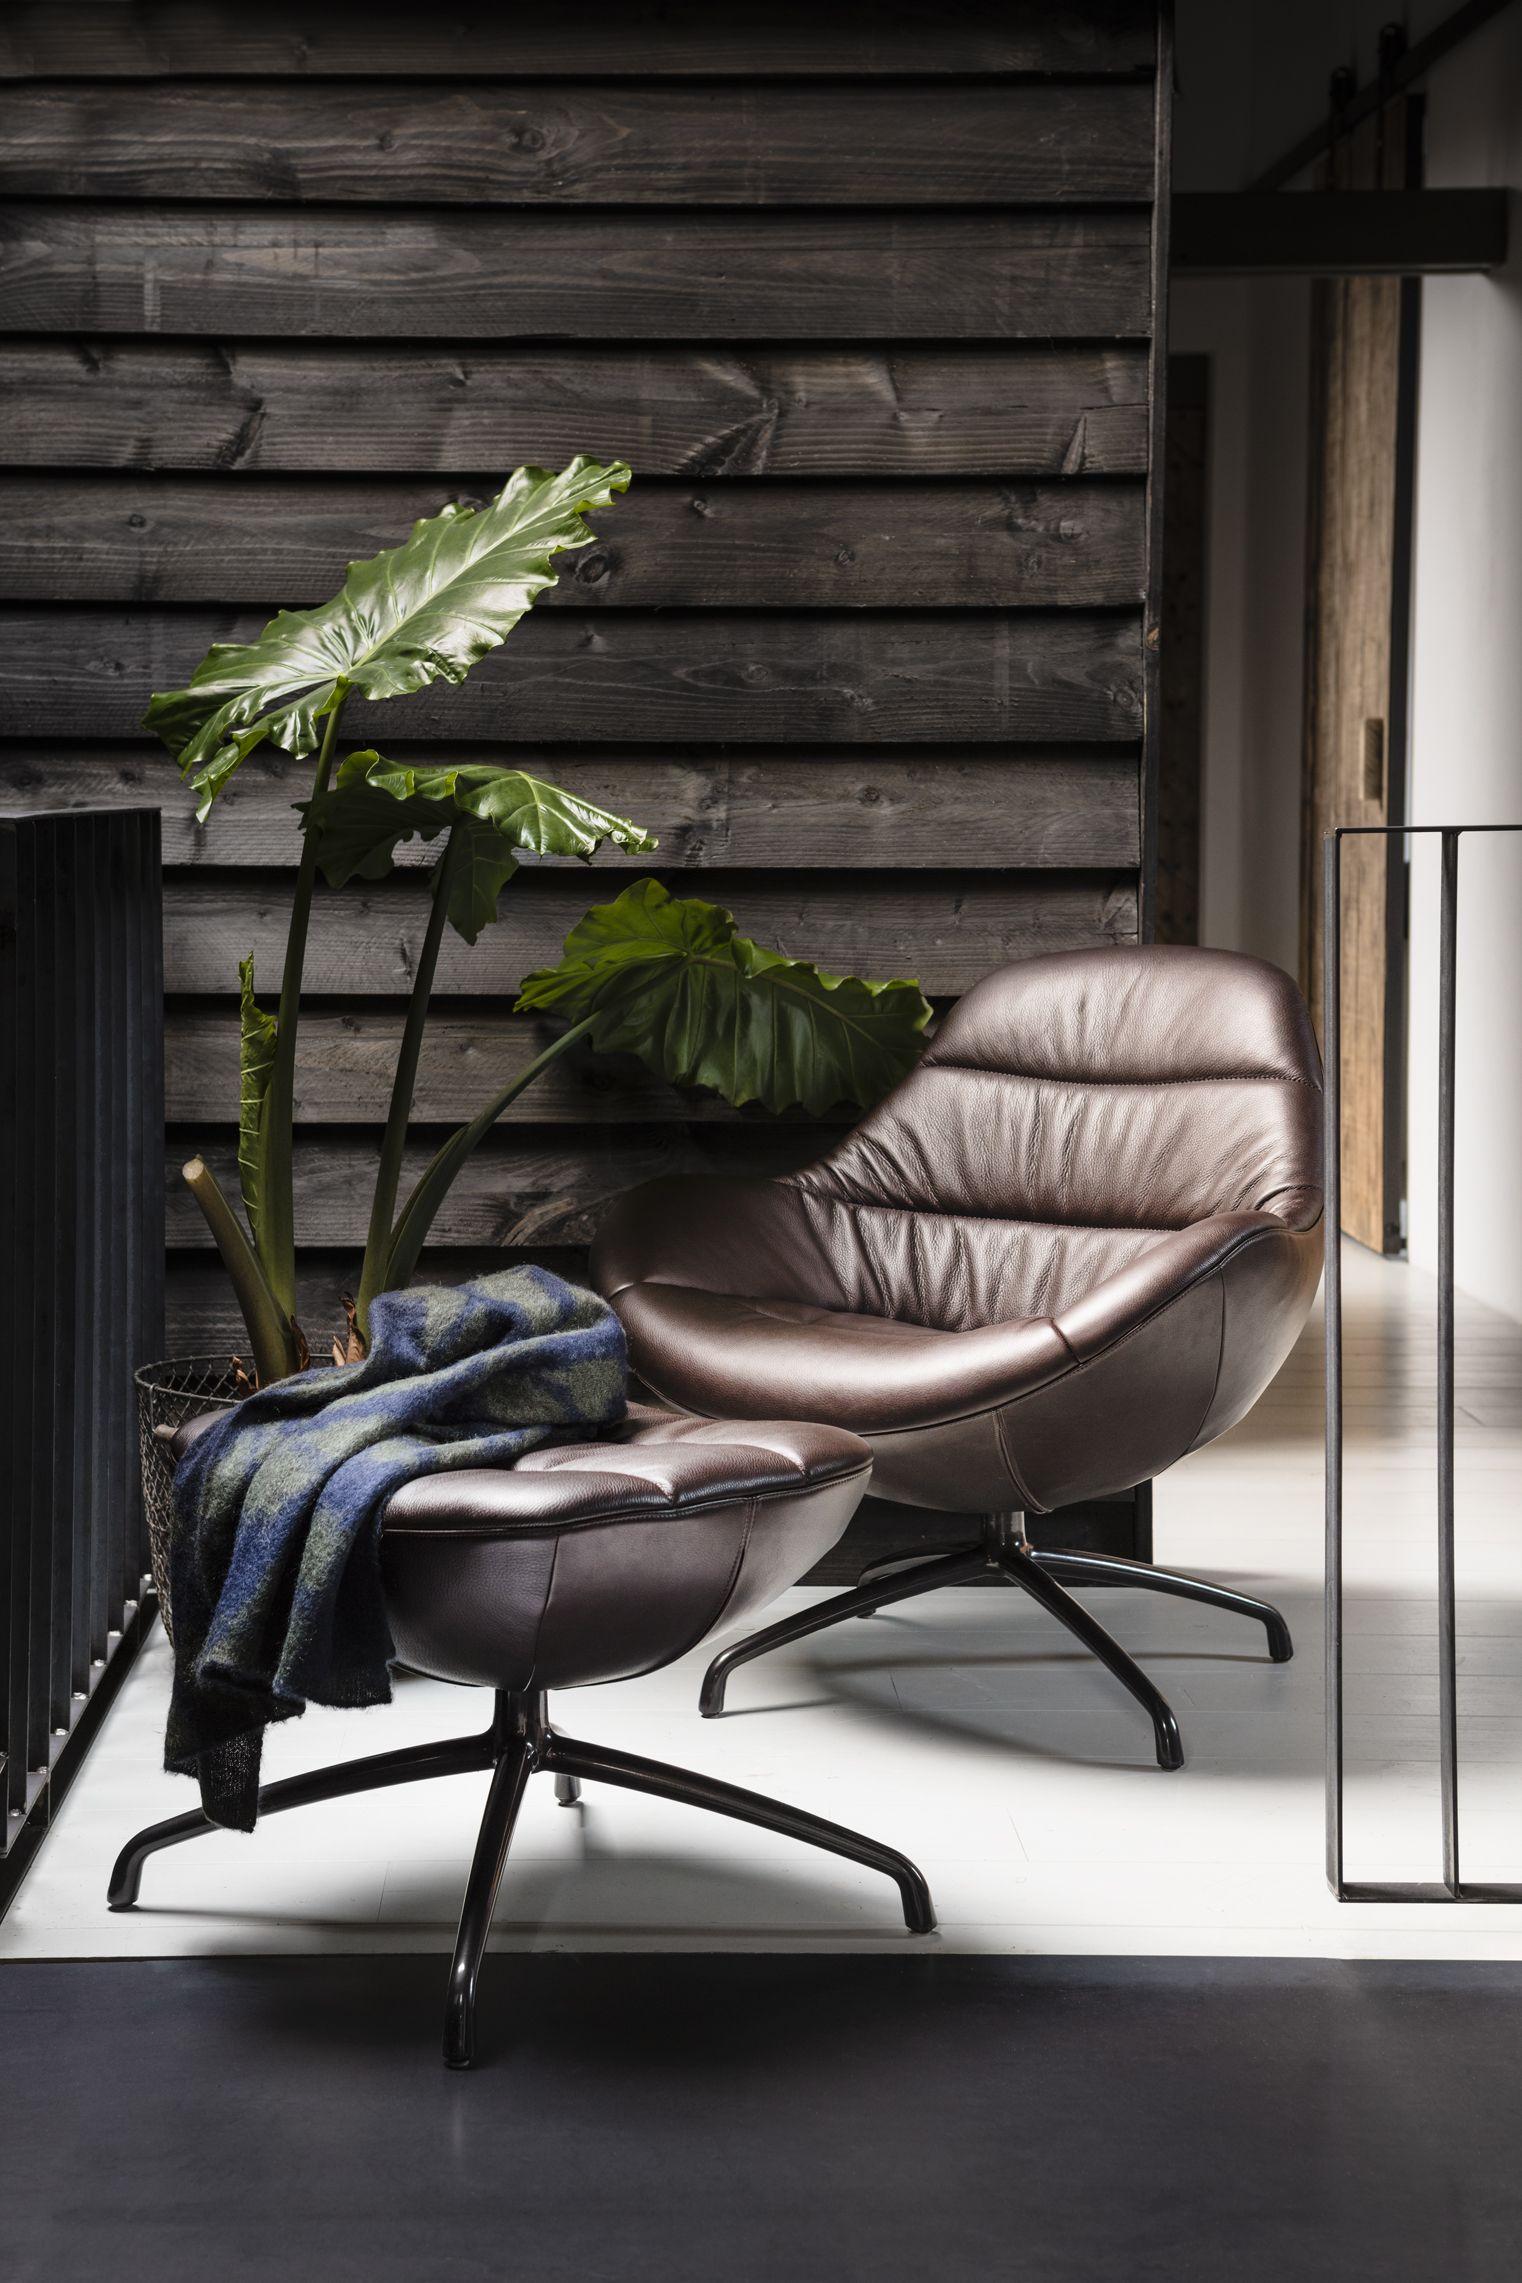 Design on Stock stoelen Plaisier Interieur